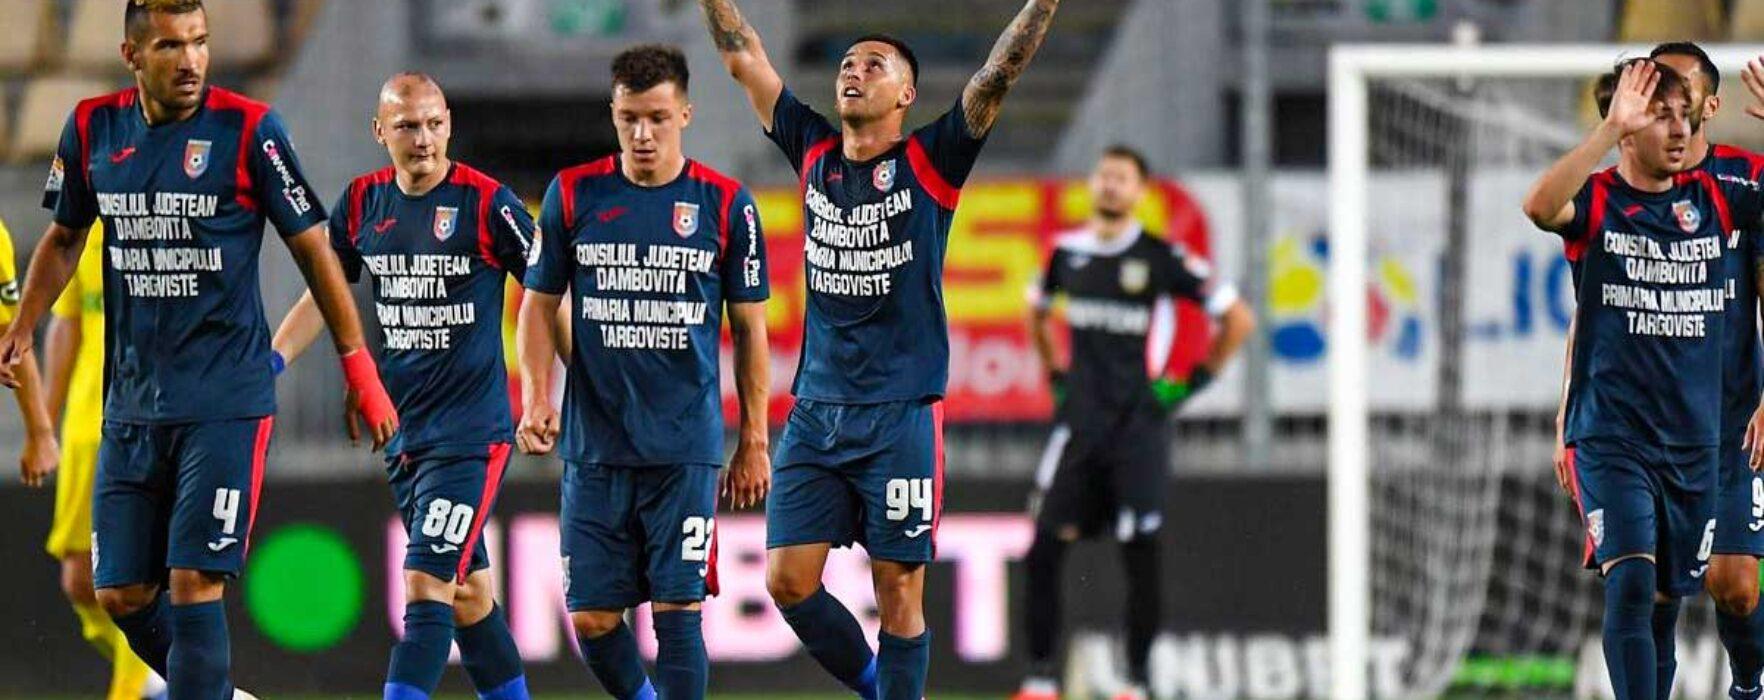 Fotbal: Chindia Târgovişte şi-a păstrat locul în Liga I